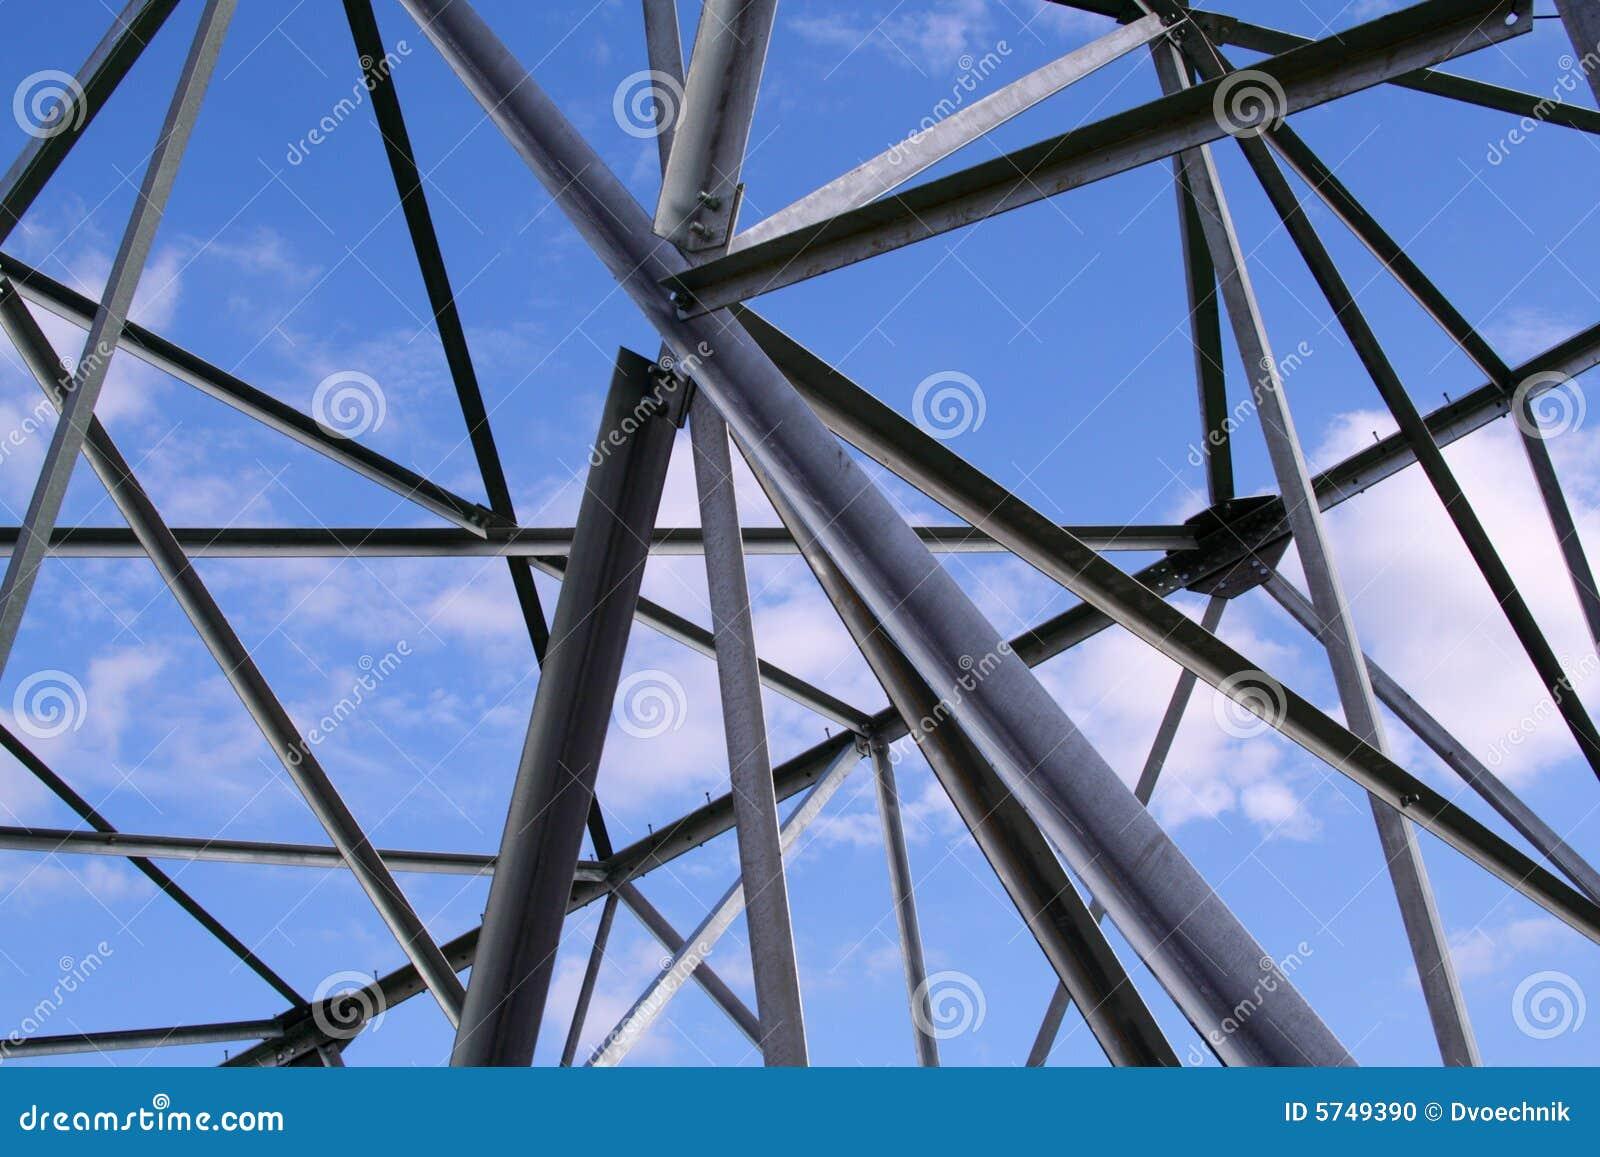 Budowy abstrakcyjna stali